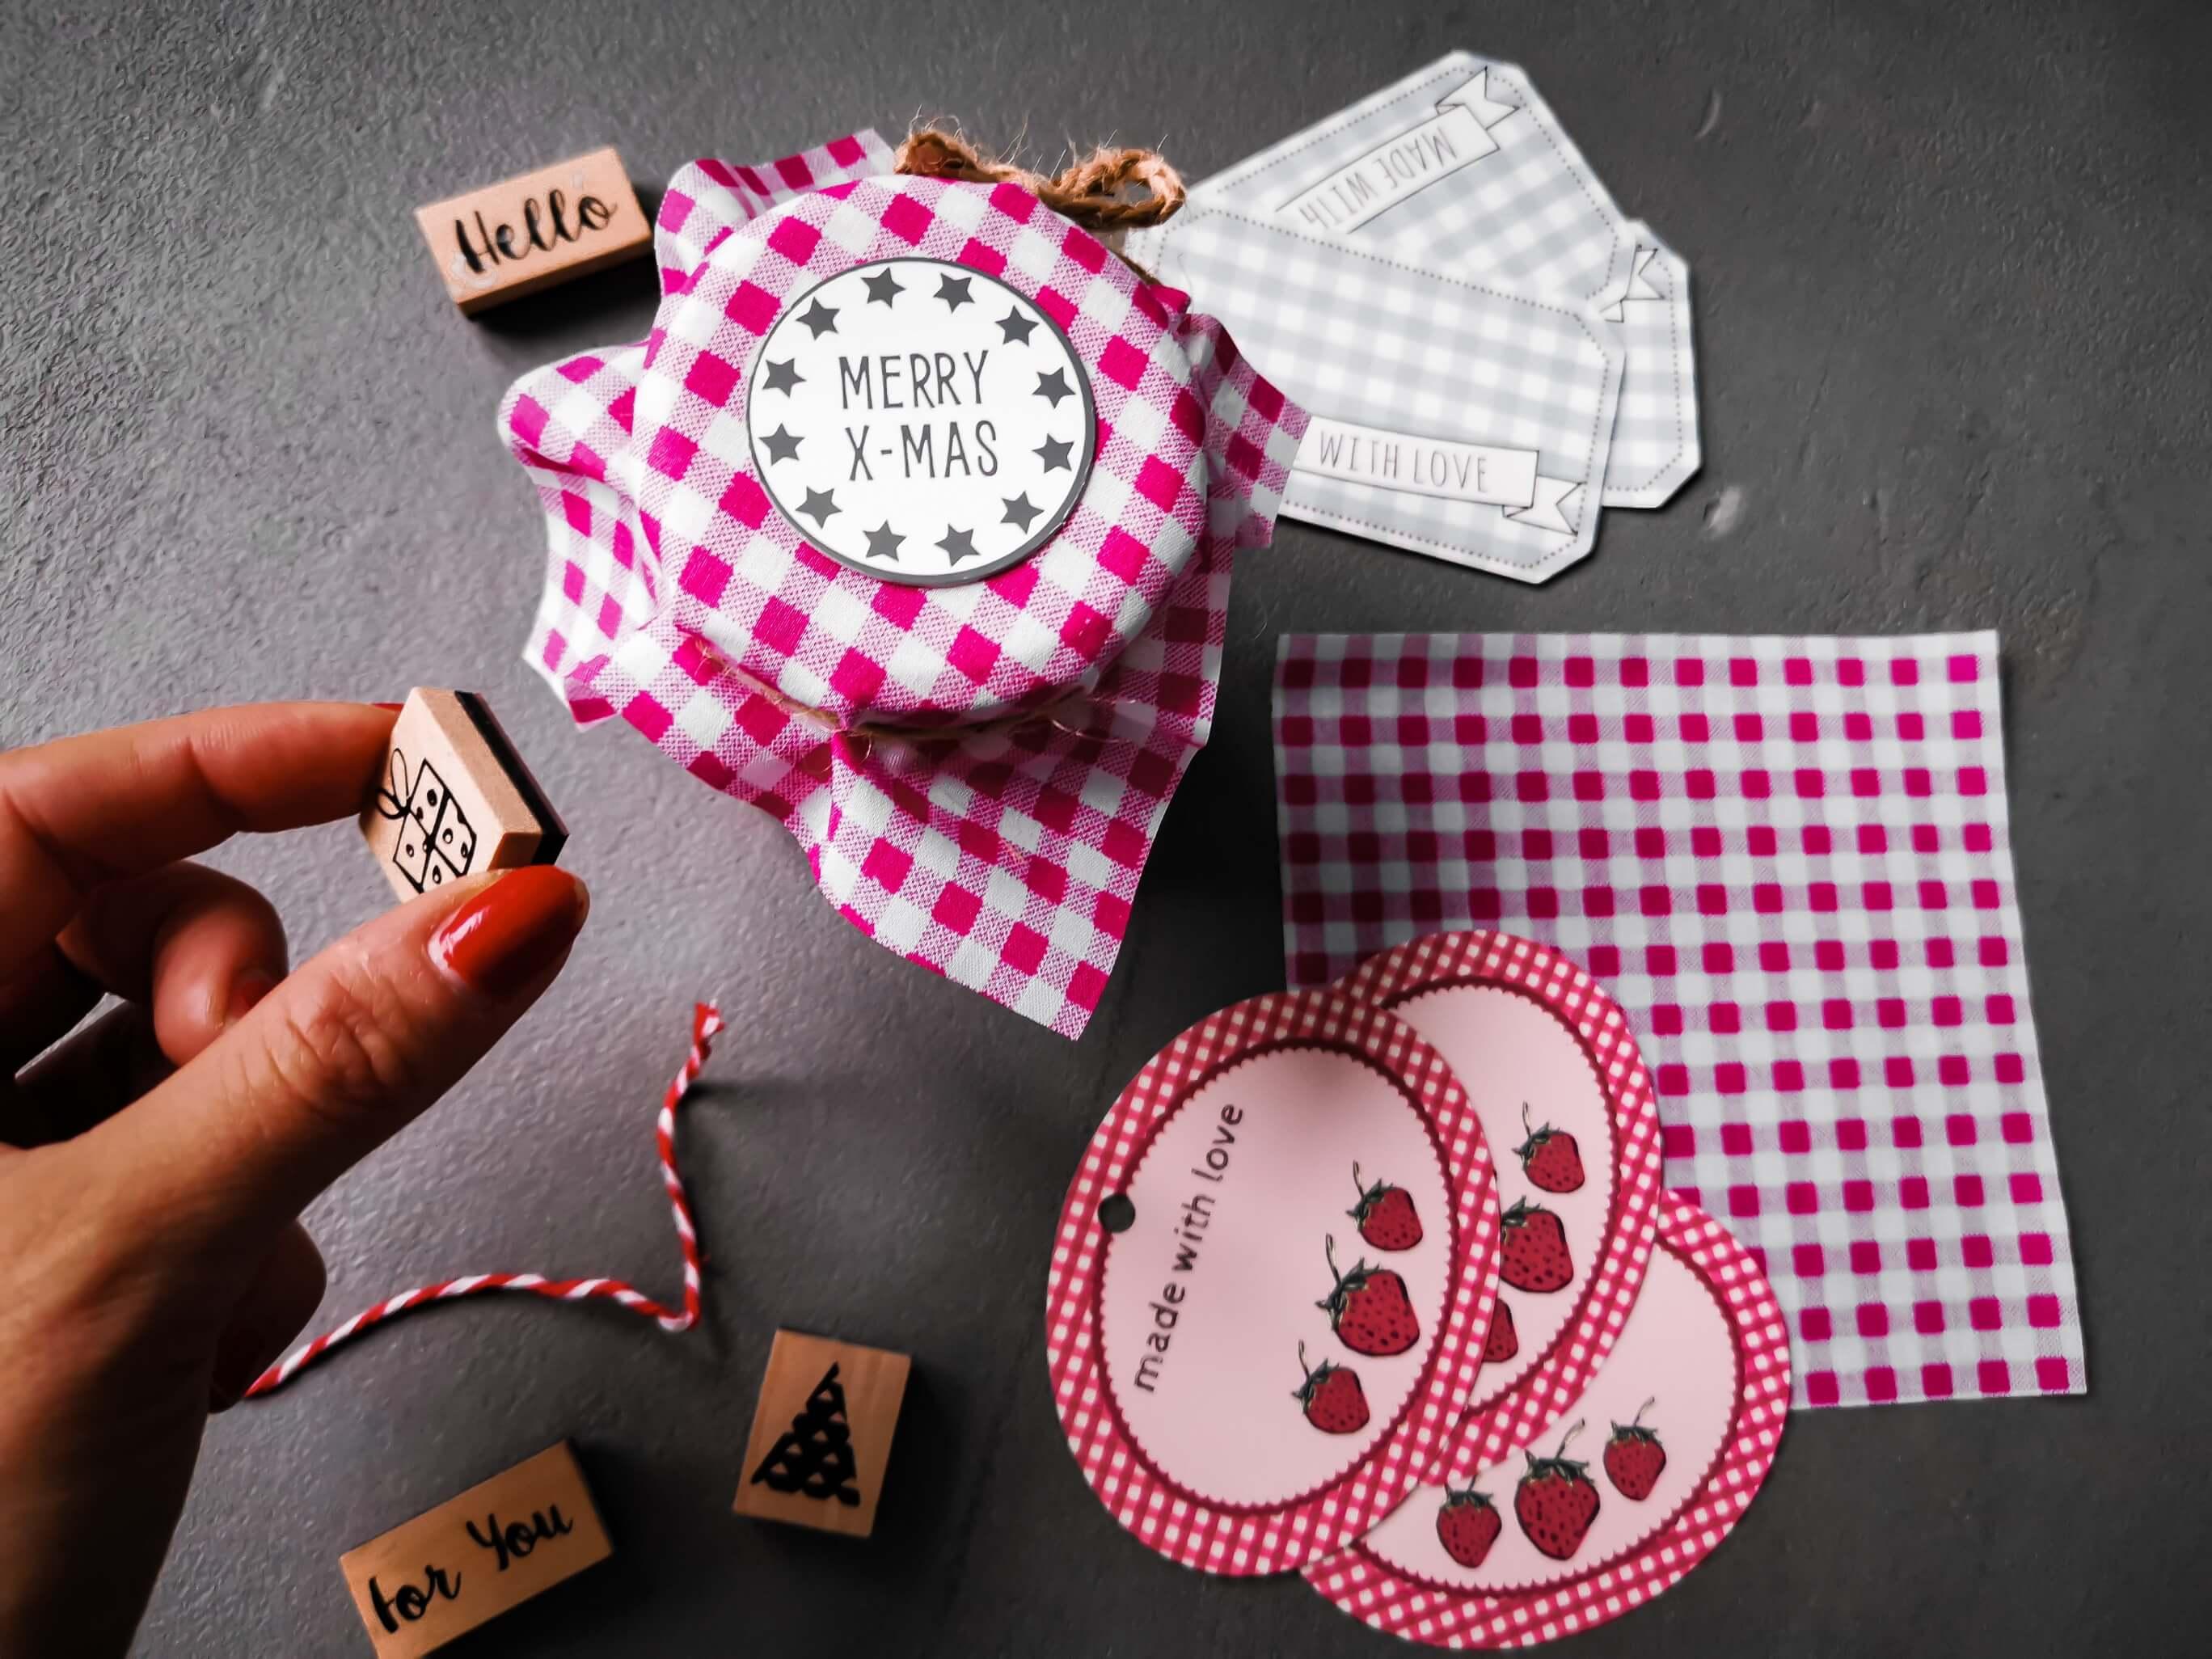 IMG 20191117 144639 resized 20191117 061512488 - Geschenke aus der Küche - so schmeckt Weihnachten!